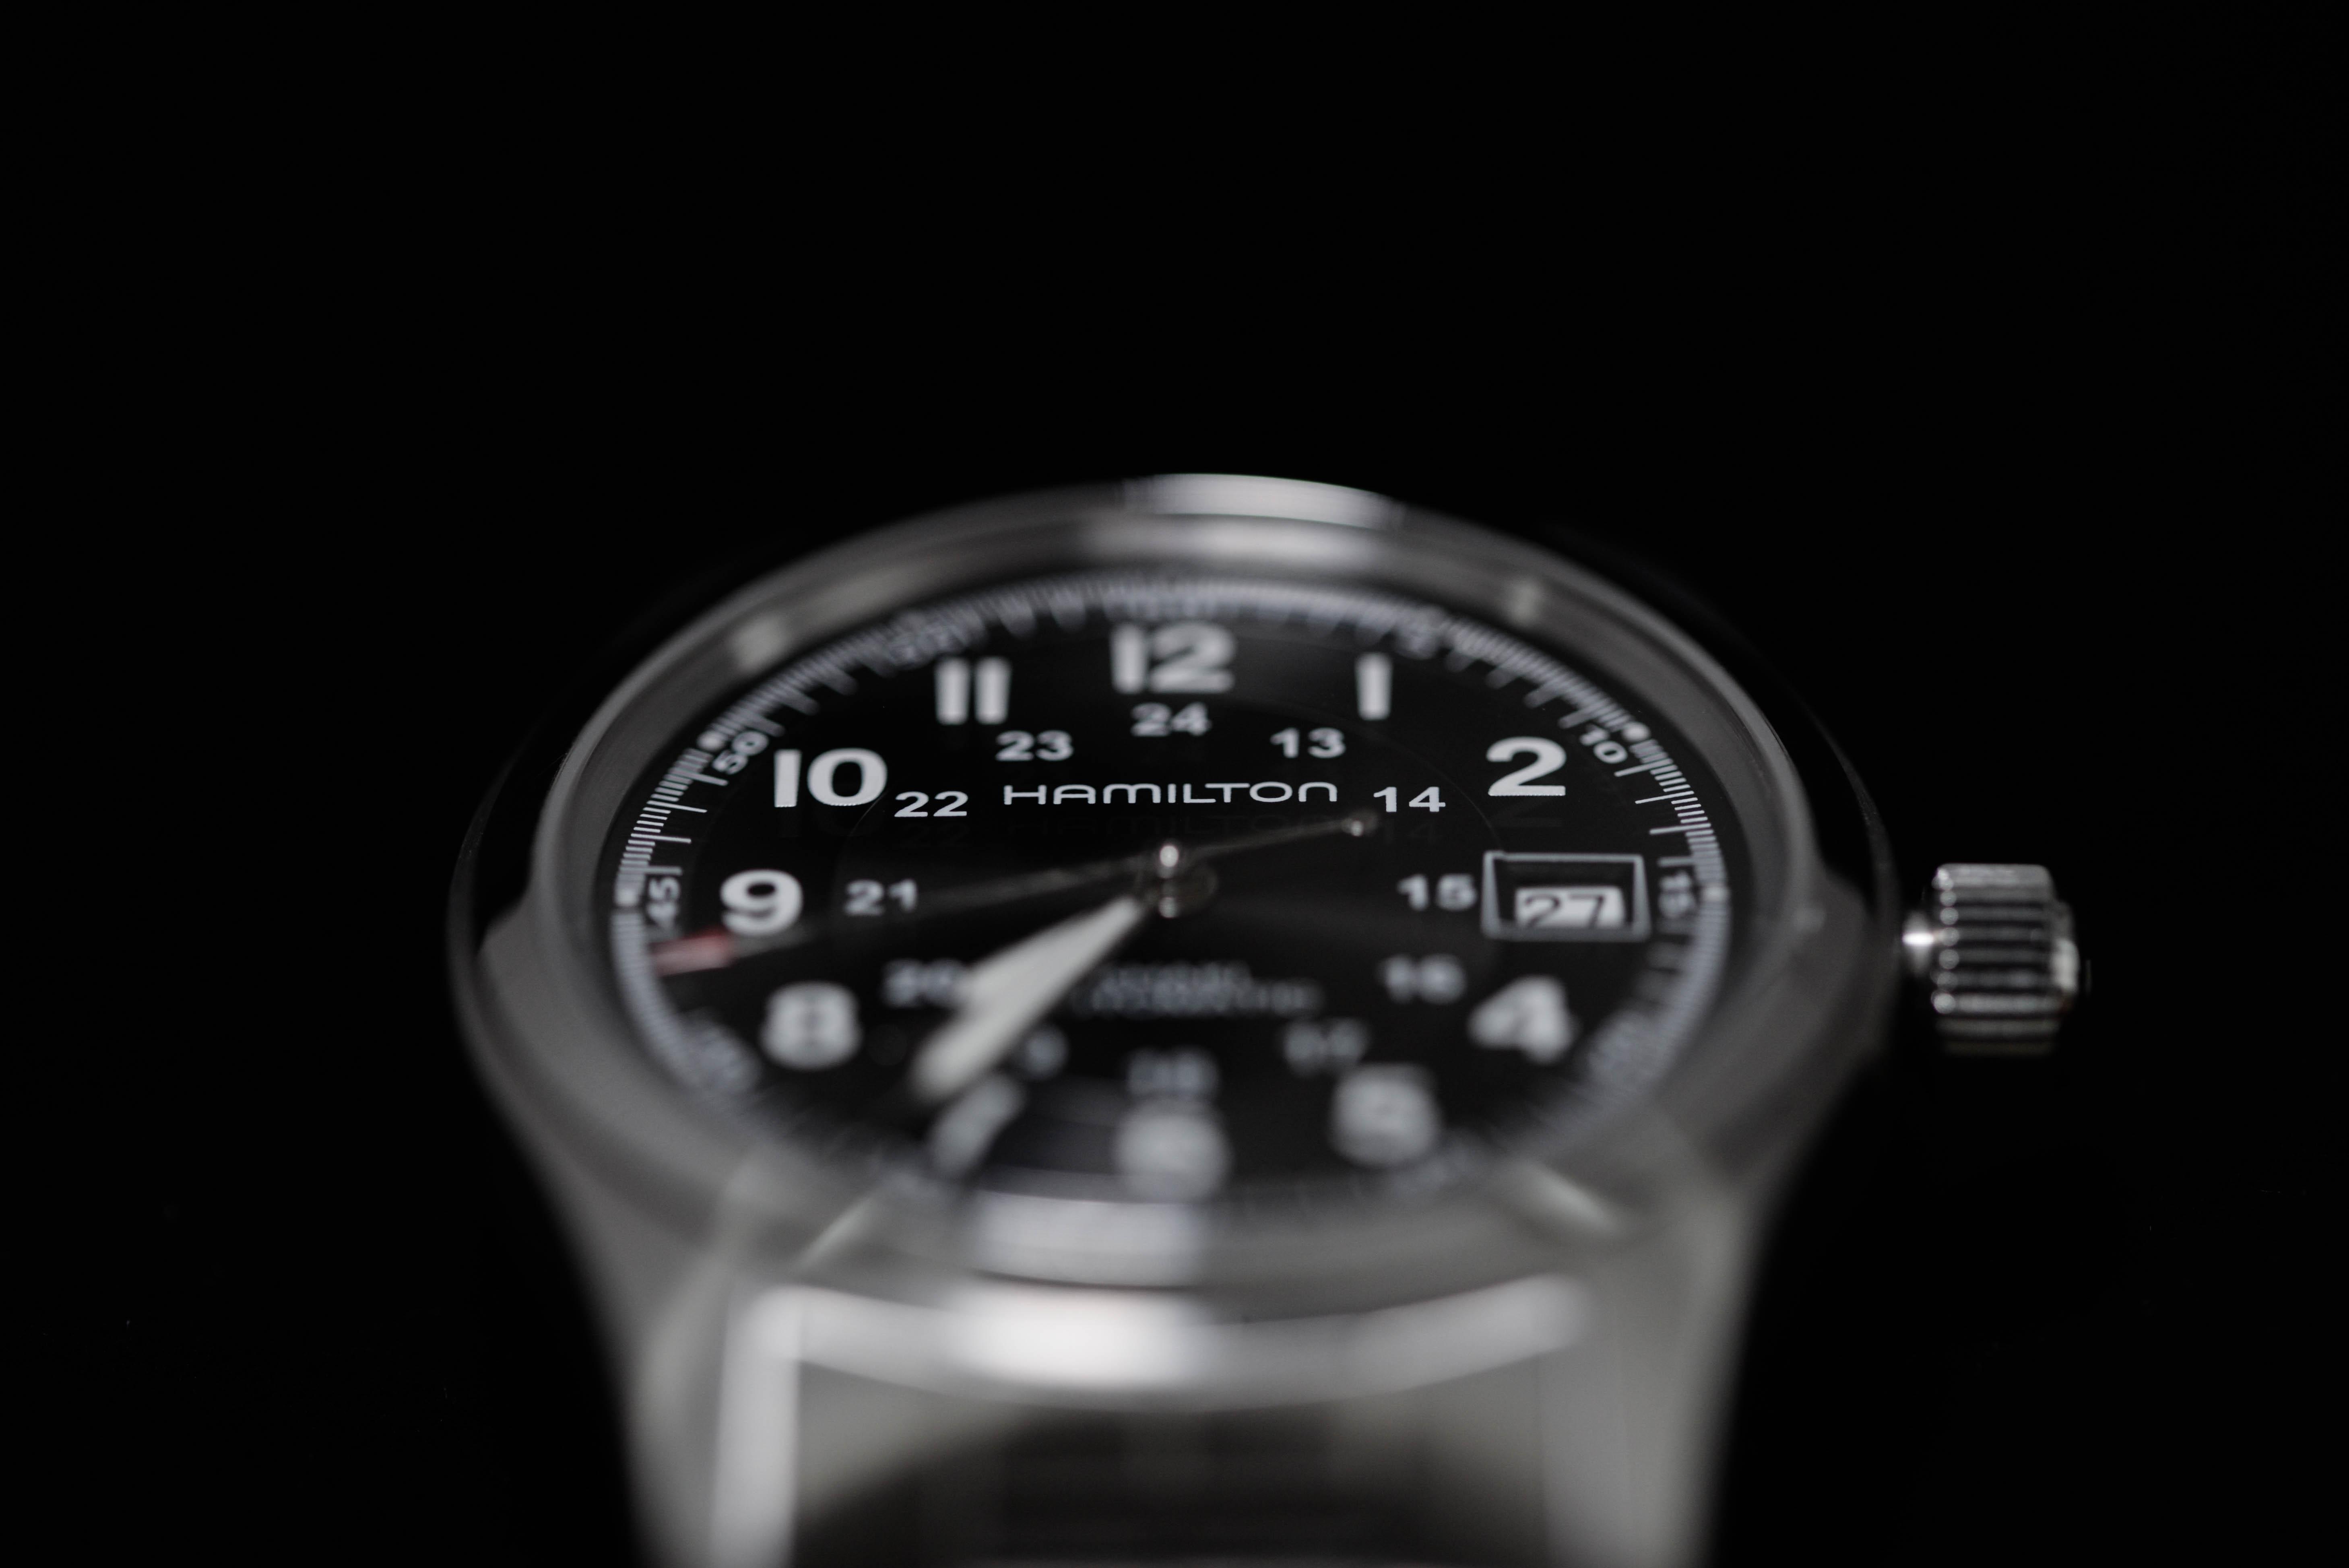 リーズナブル、けれど凄く良い腕時計